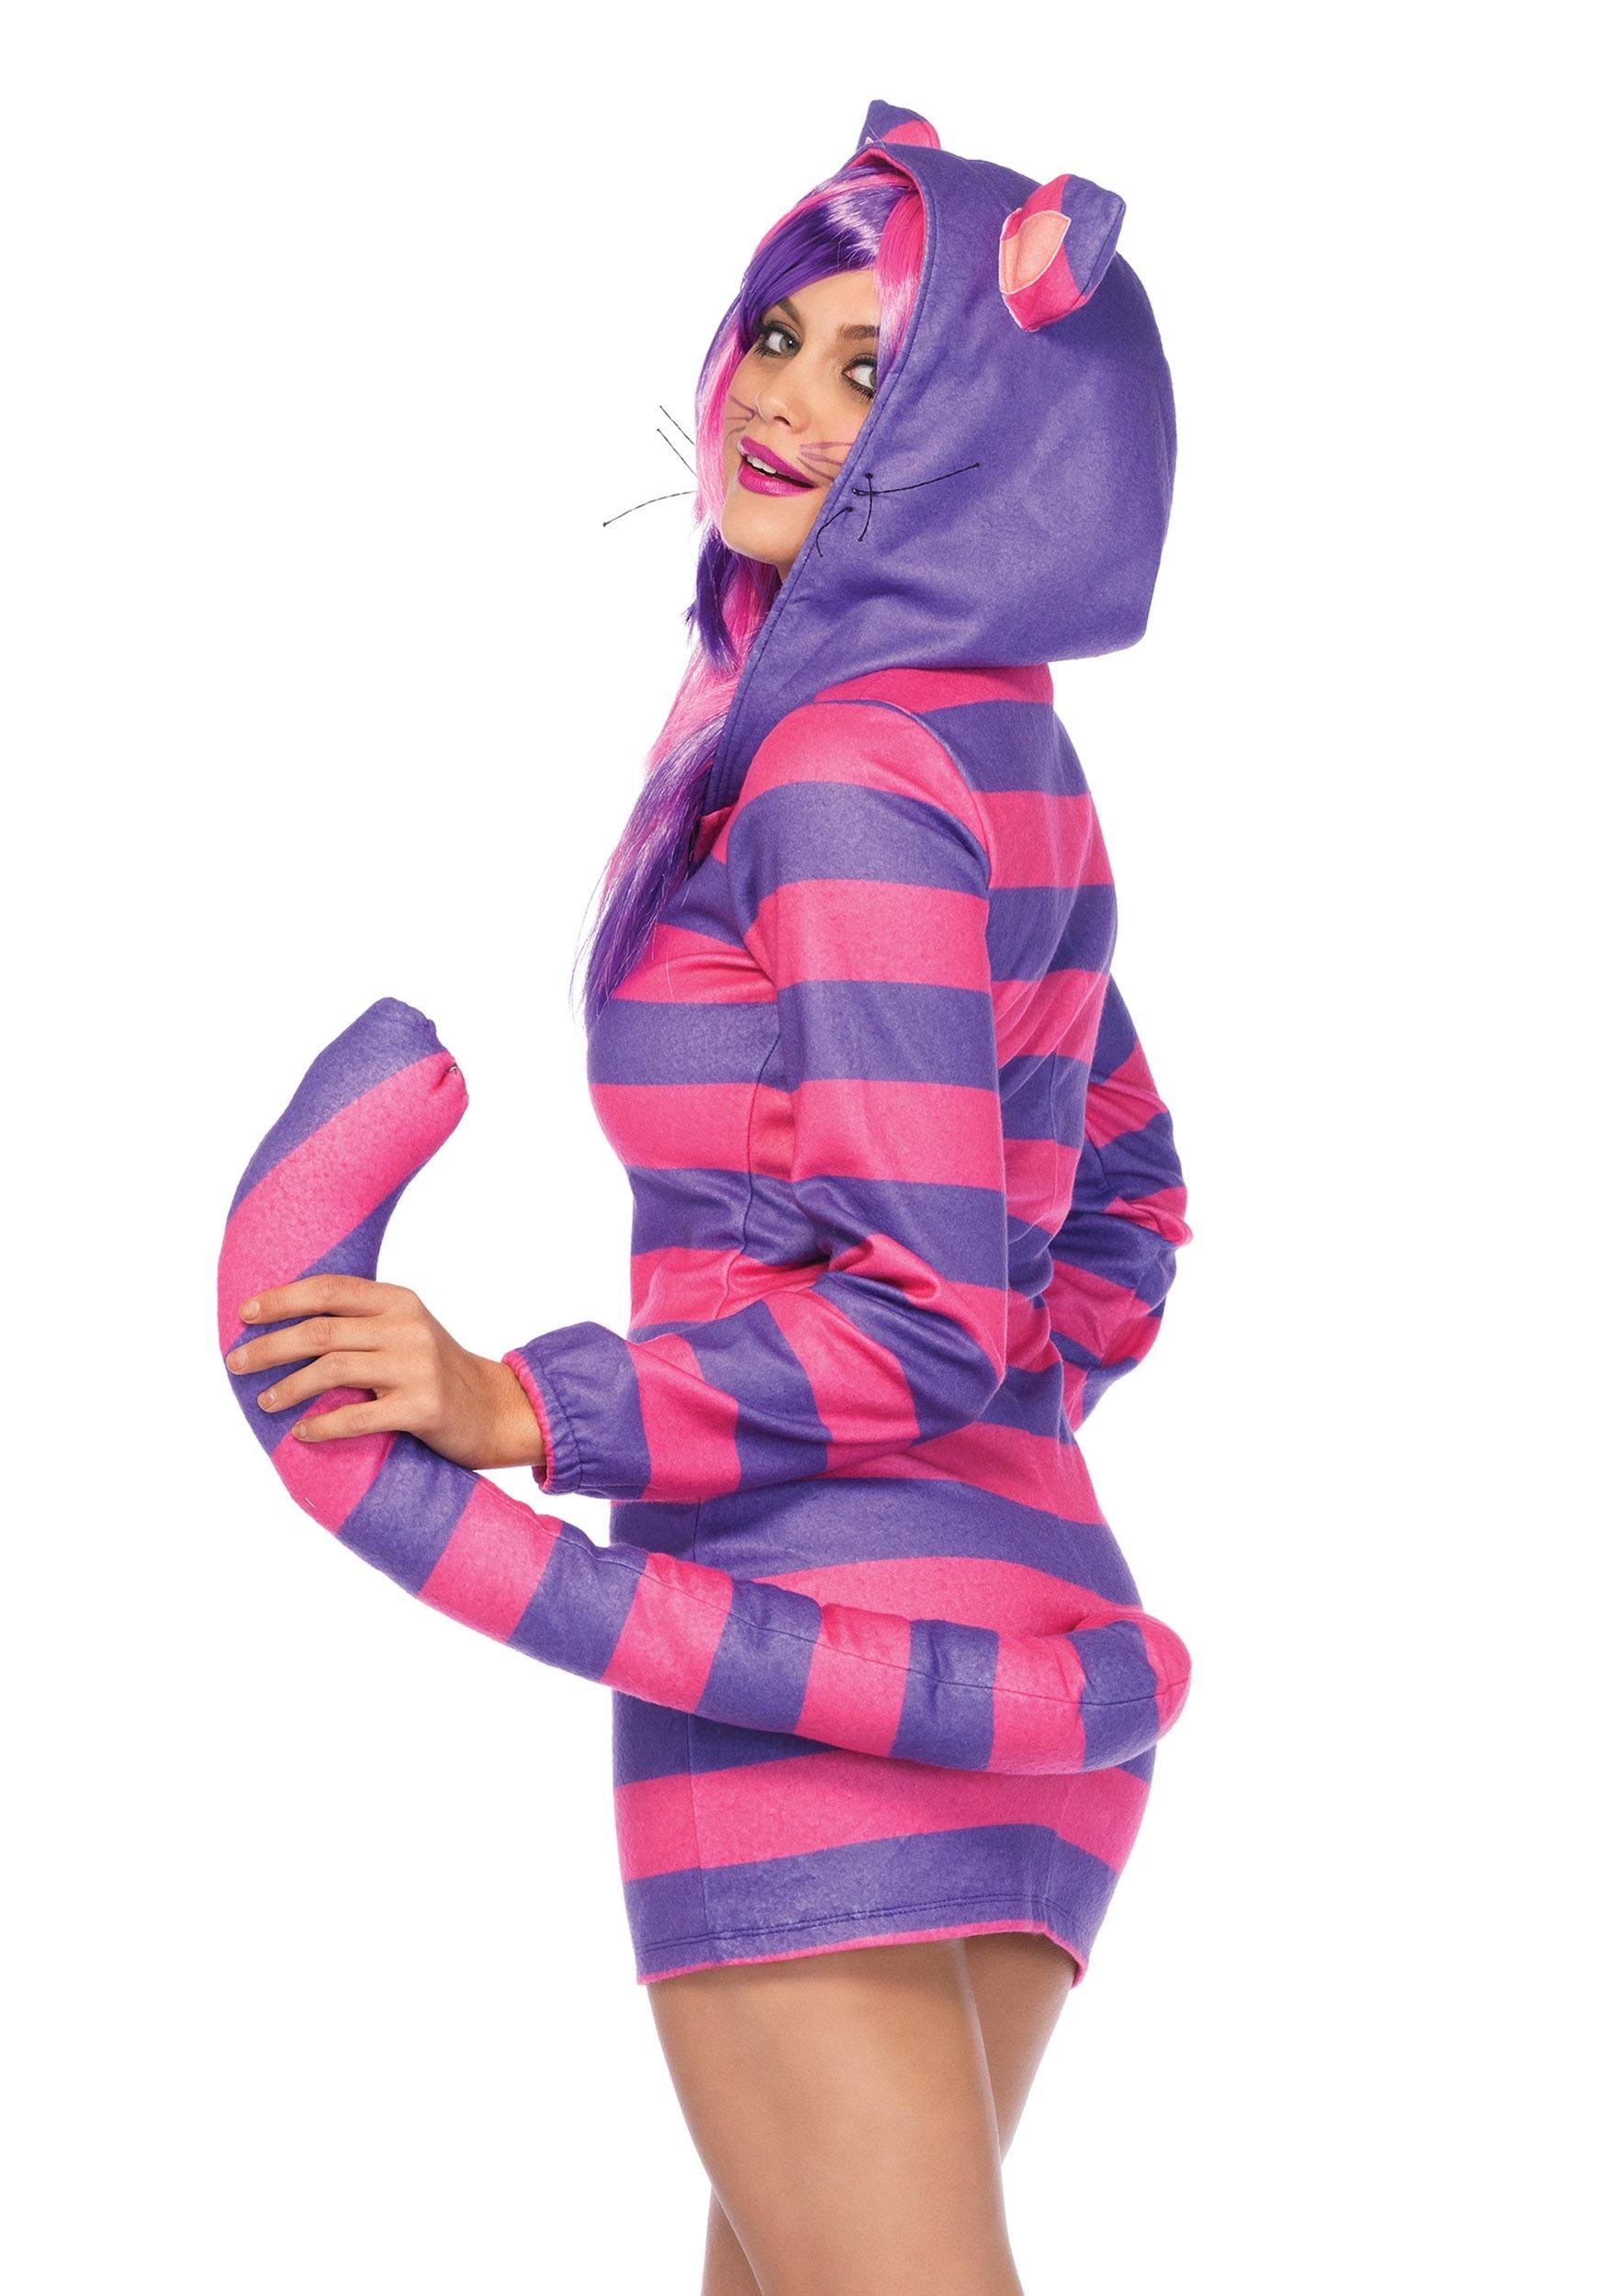 Womenu0027 Cozy Cheshire Cat Costume Womenu0027 Cozy Cheshire Cat Costume  sc 1 st  Fun.com & Cozy Cheshire Cat Womens Costume